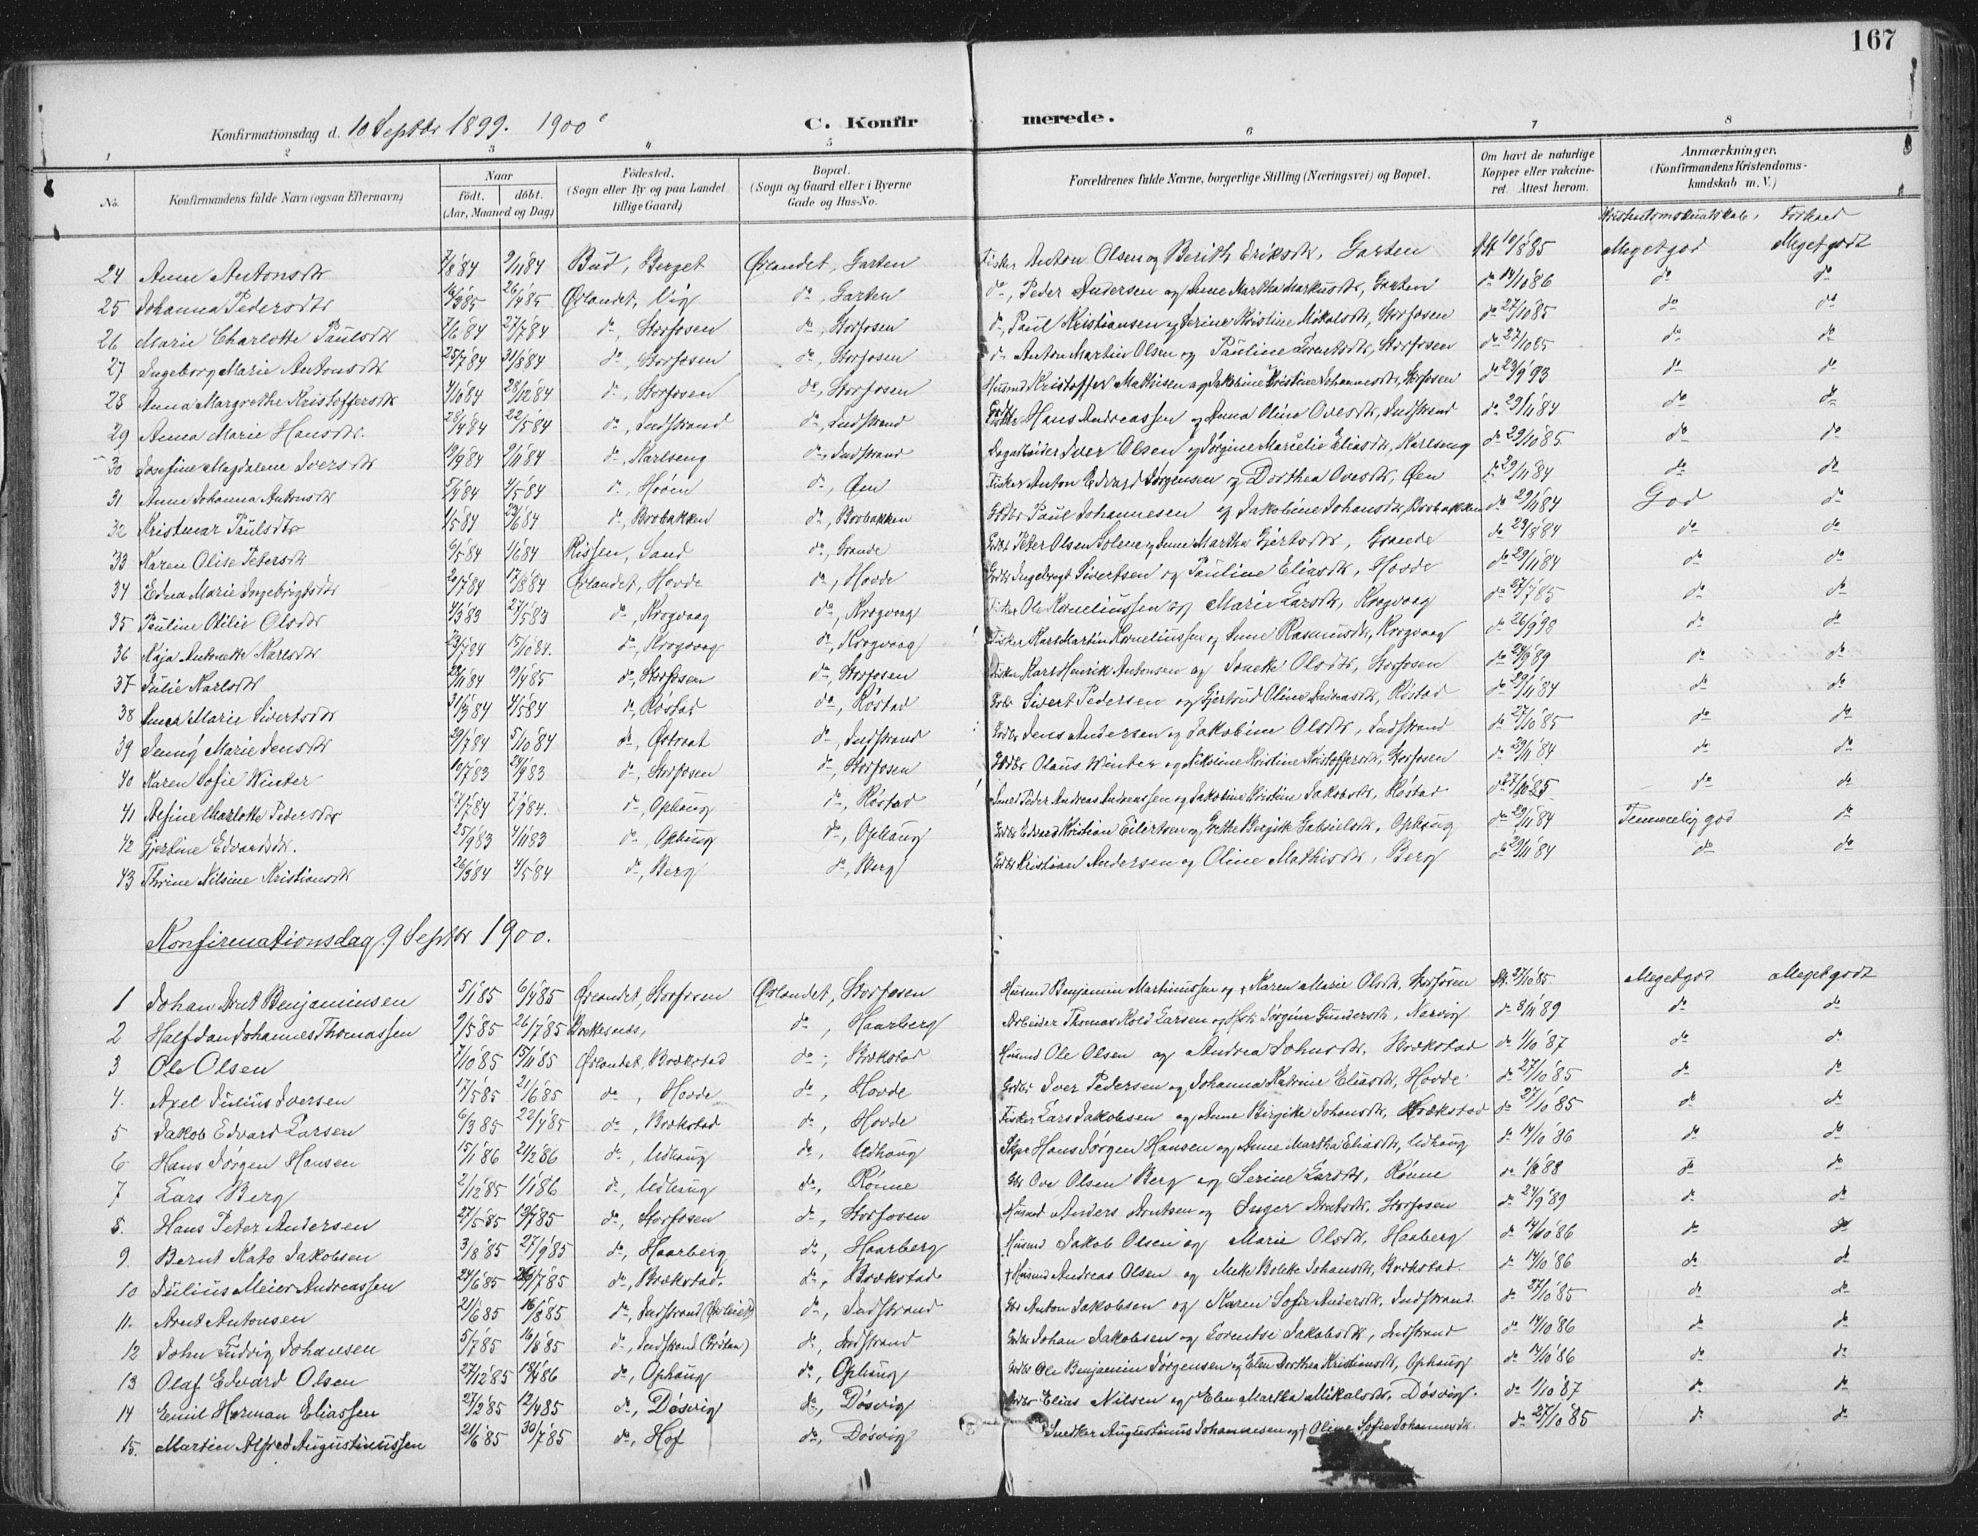 SAT, Ministerialprotokoller, klokkerbøker og fødselsregistre - Sør-Trøndelag, 659/L0743: Ministerialbok nr. 659A13, 1893-1910, s. 167